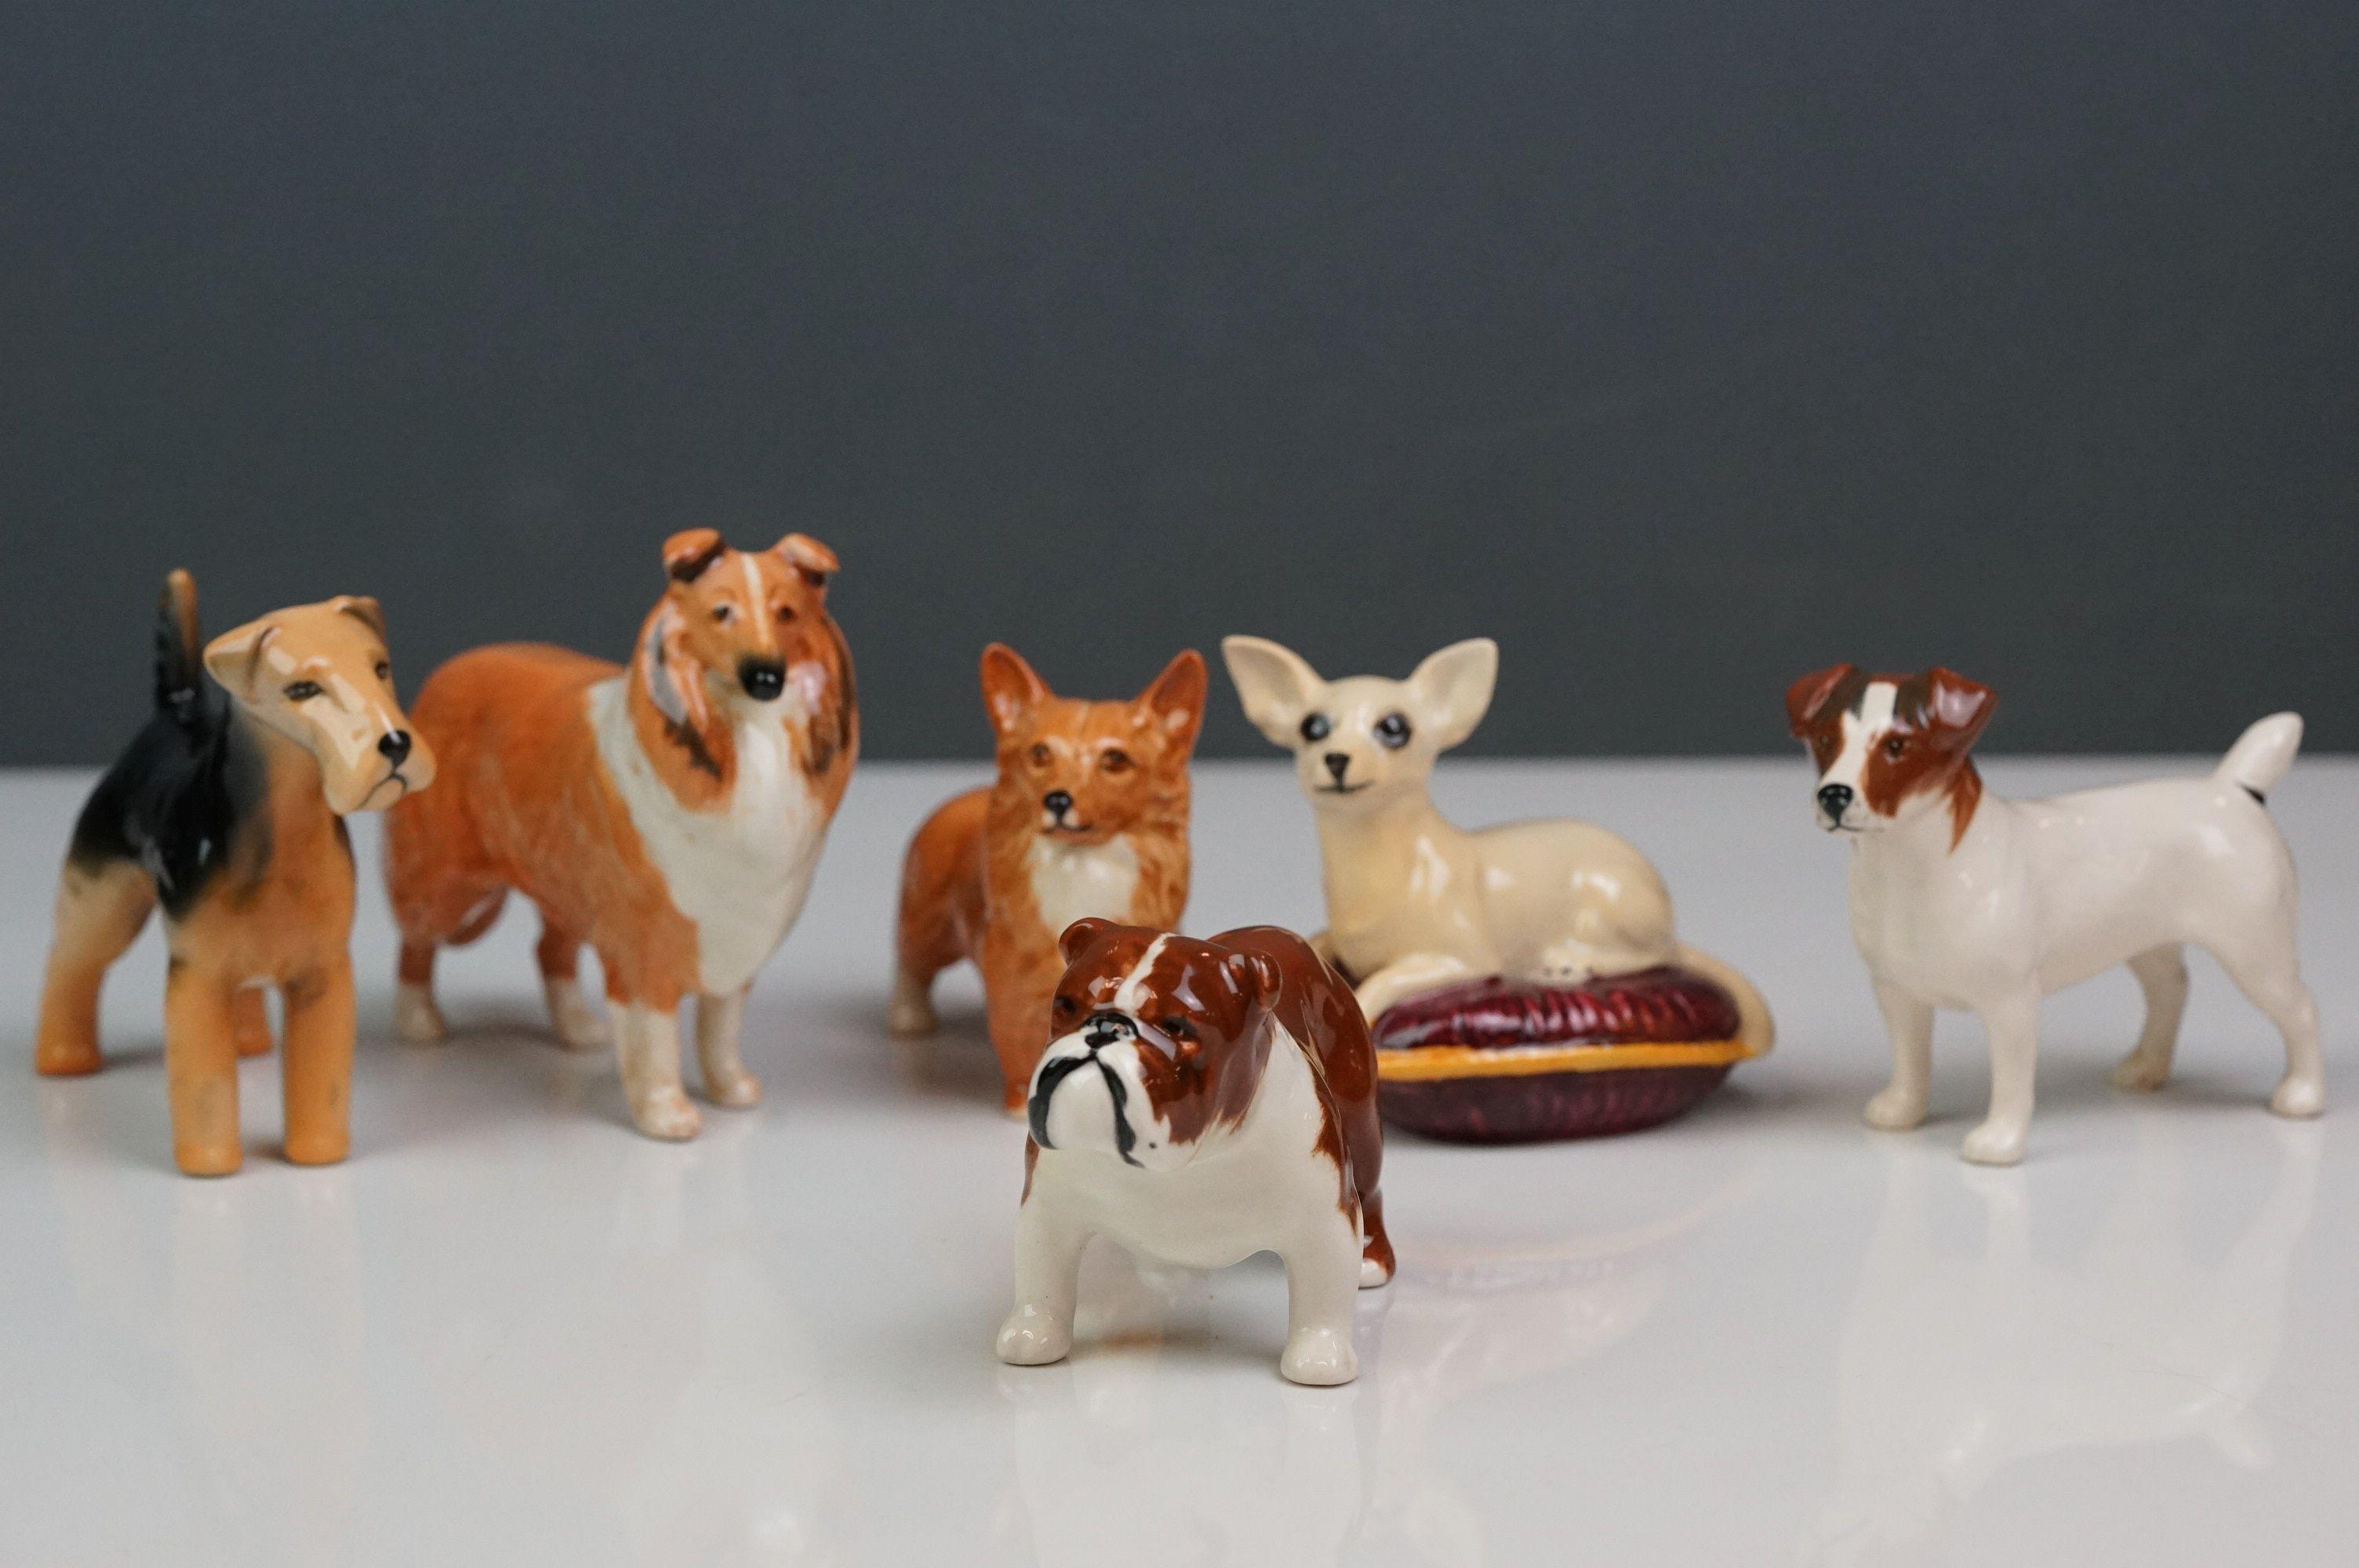 Six Beswick dogs: Bulldog Bosun small, model no. 1731; Corgi small, model no. 1736; Collie small,